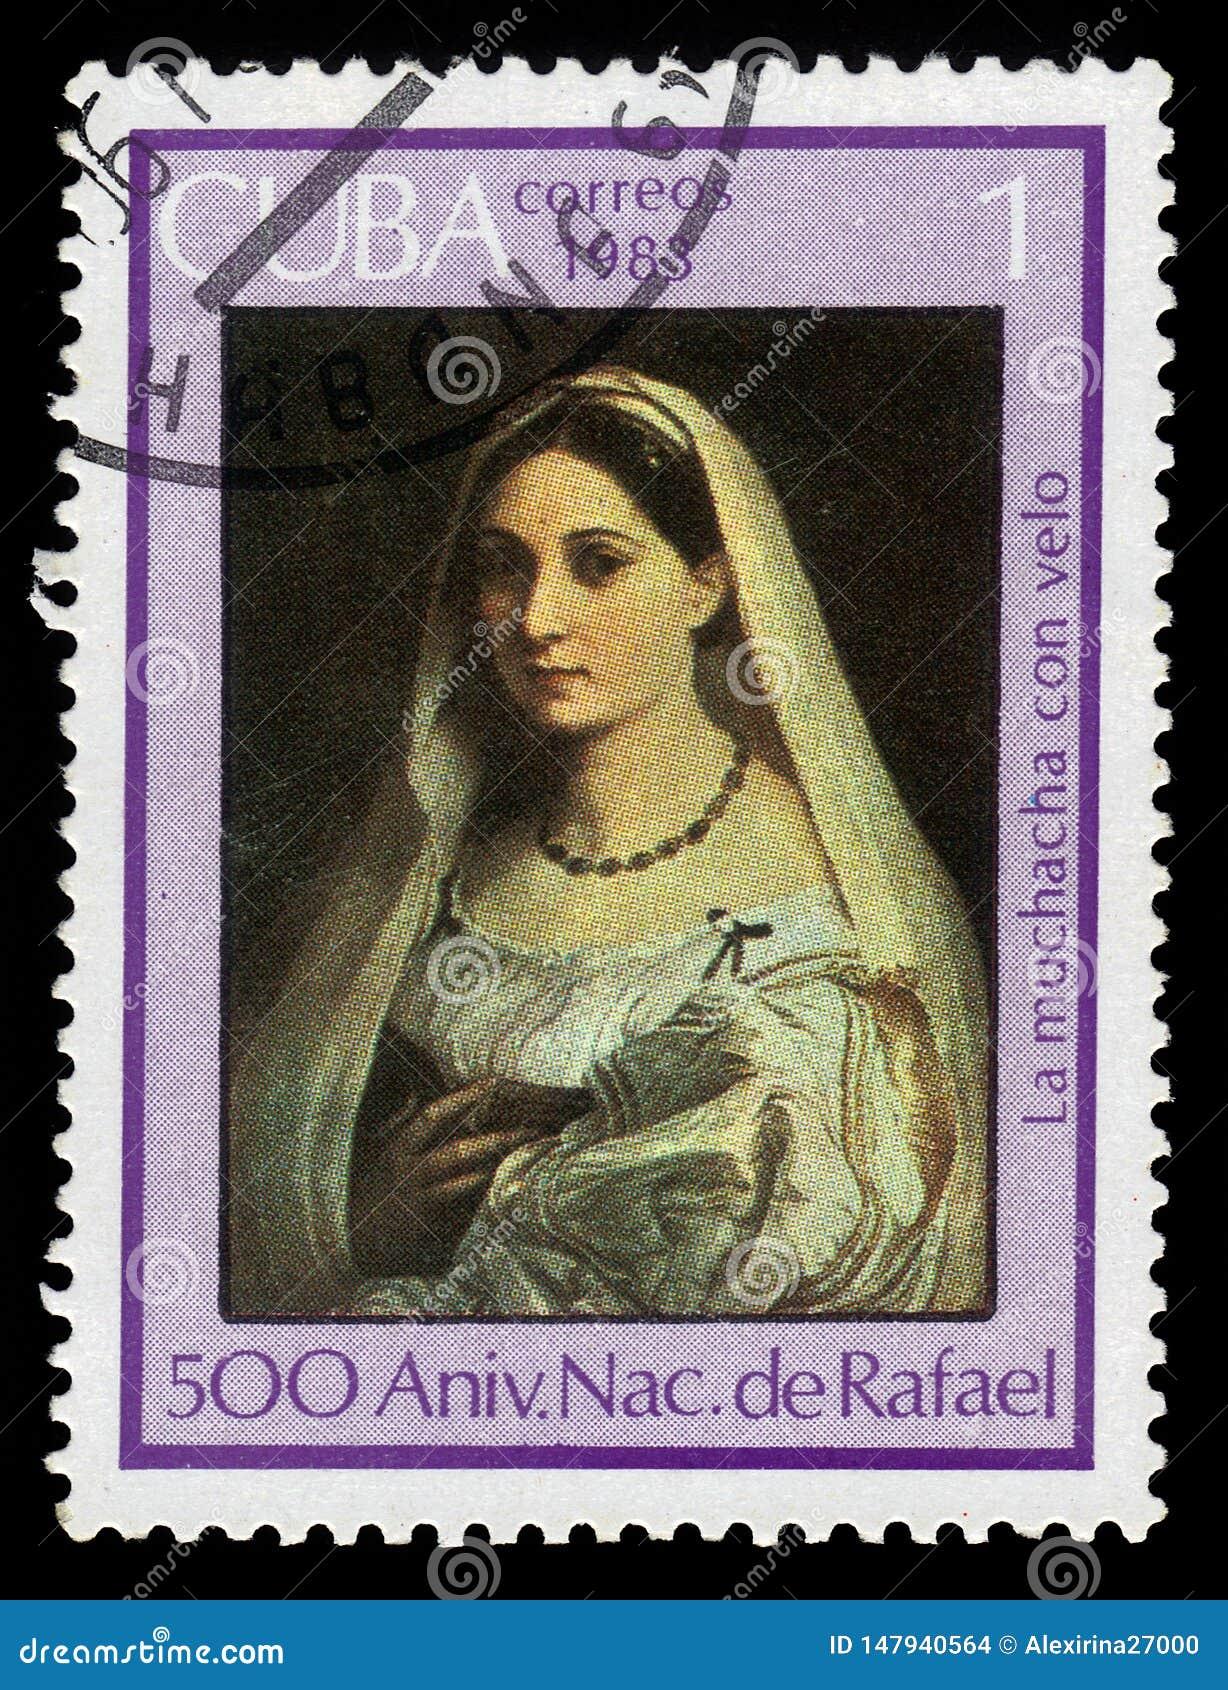 La donna velata by Rafael